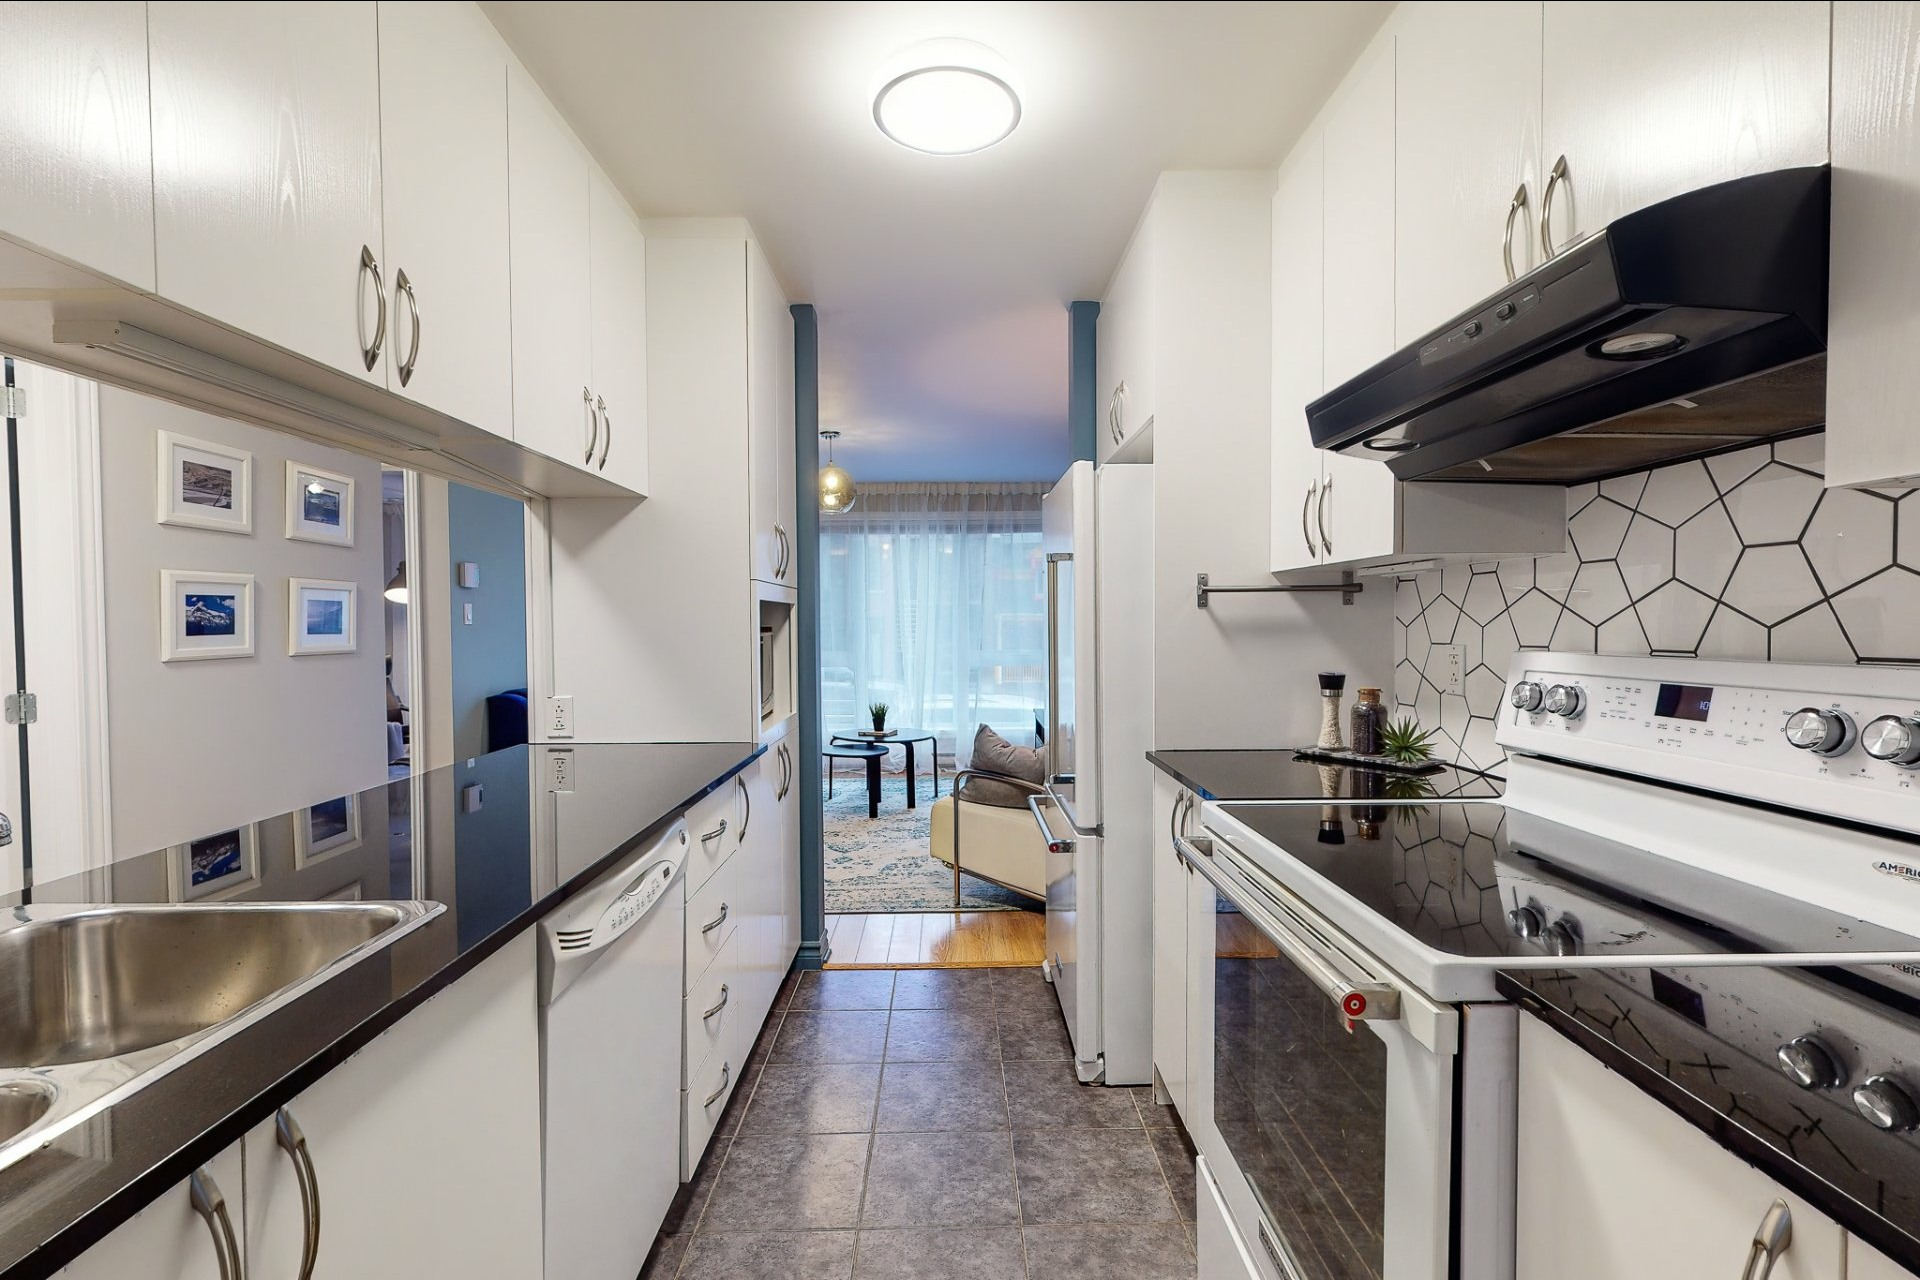 image 5 - Appartement À vendre Mercier/Hochelaga-Maisonneuve Montréal  - 7 pièces